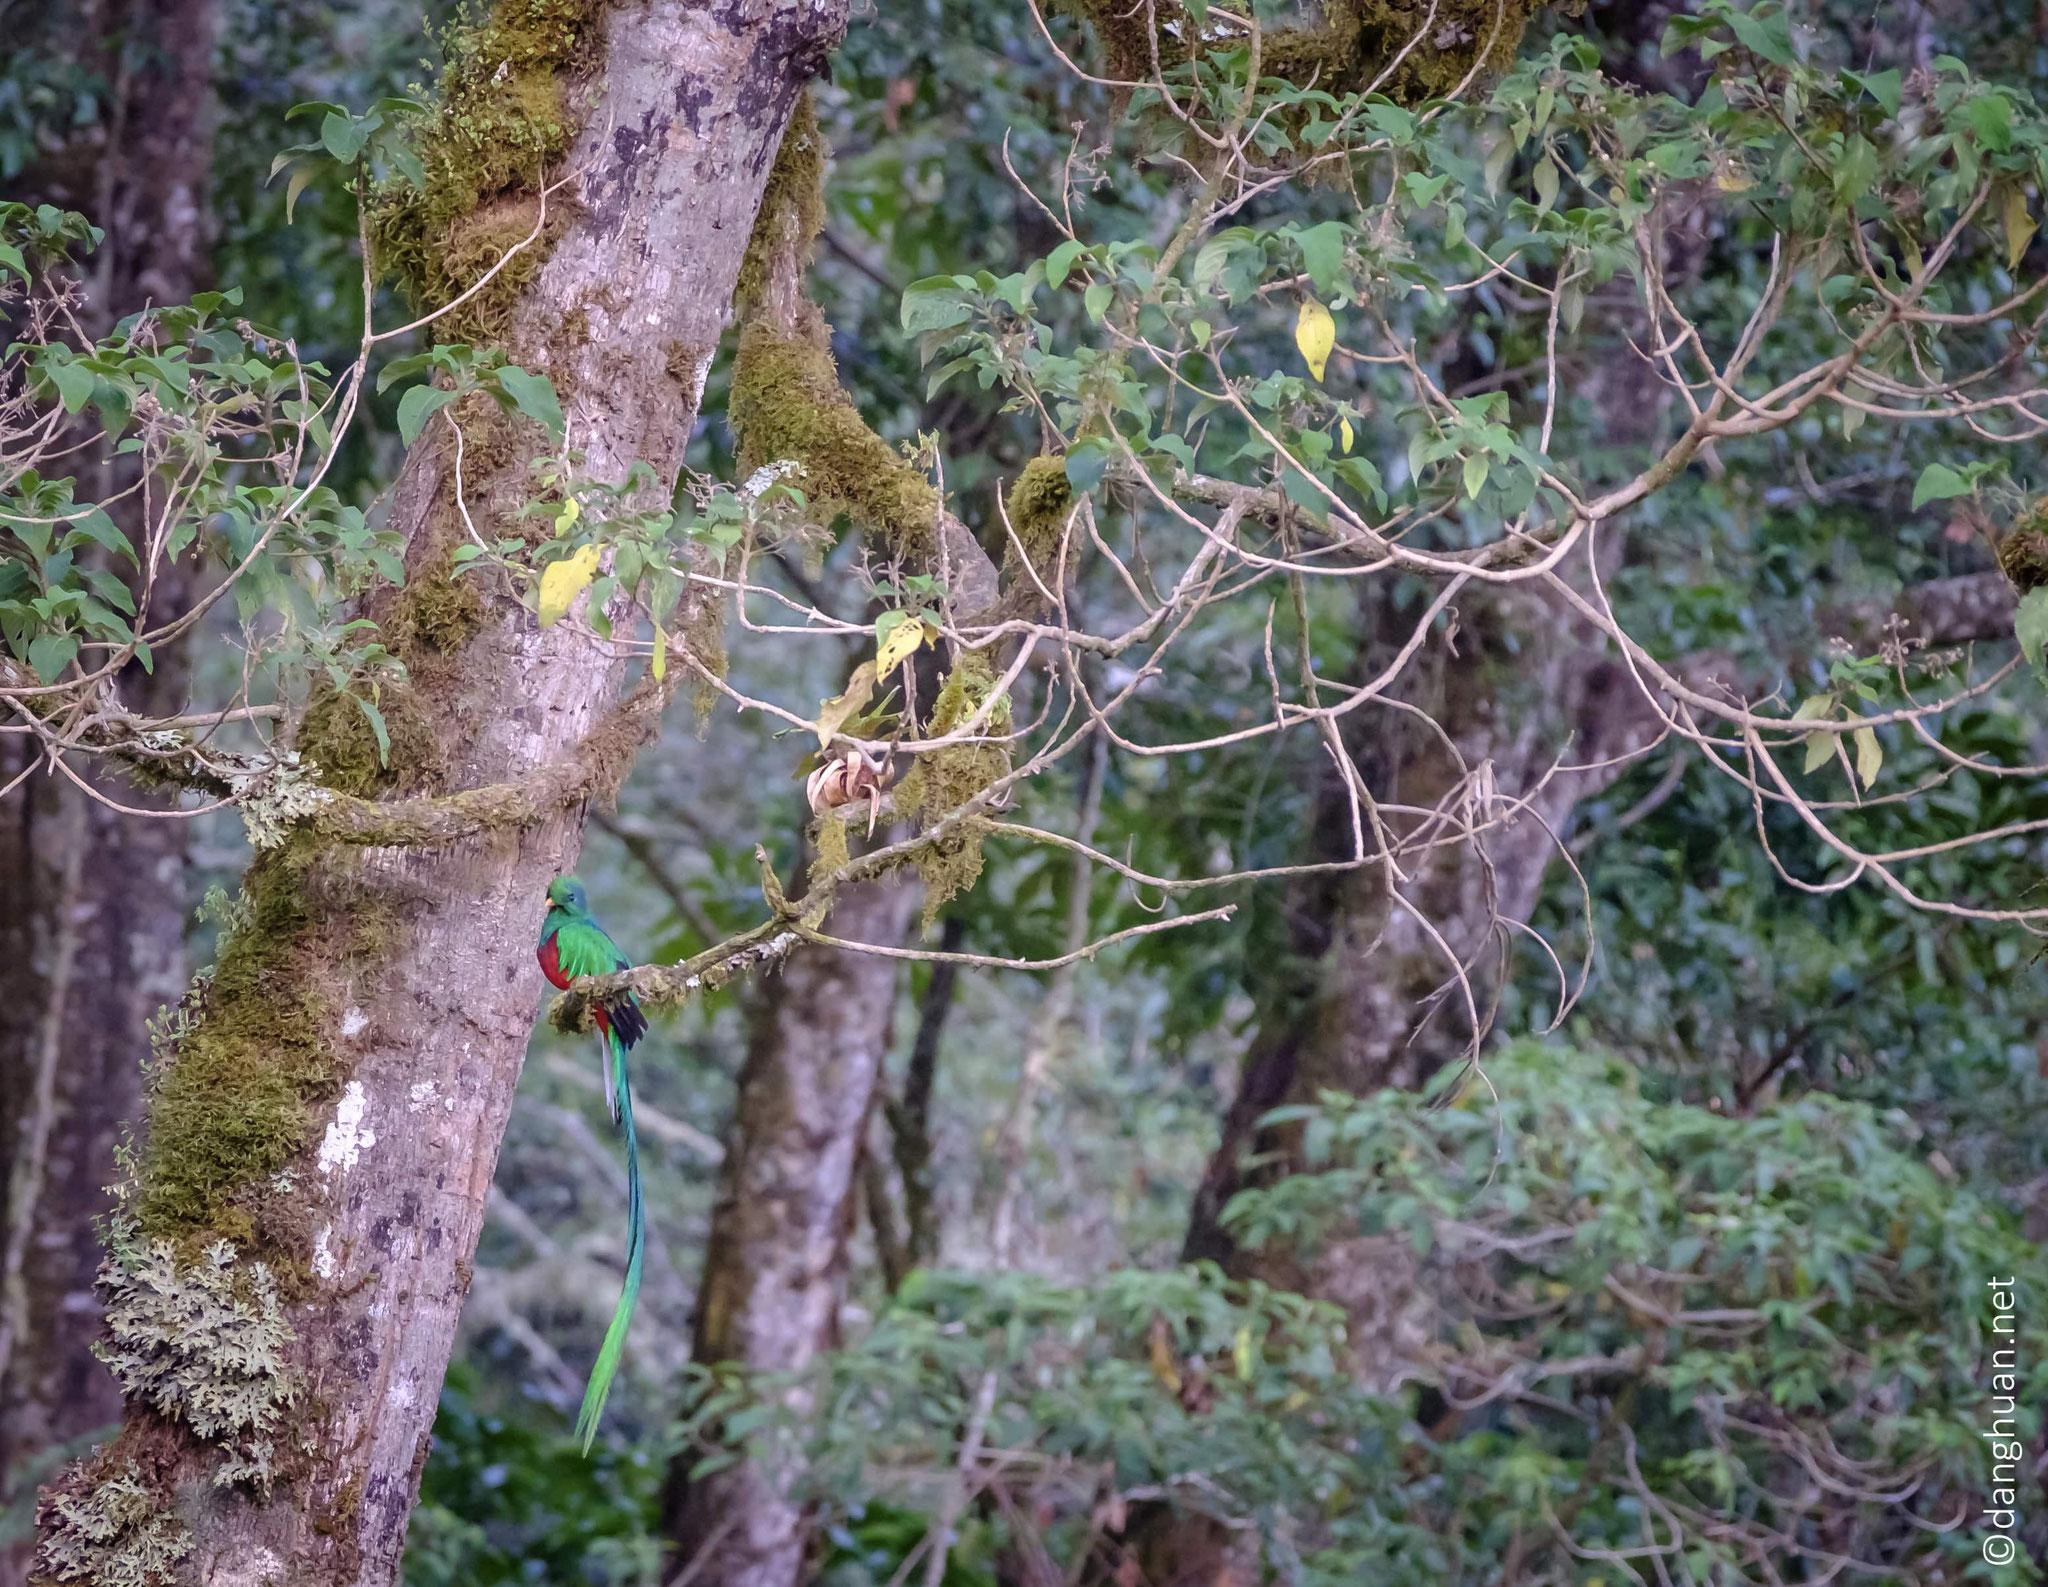 Les cultures précolombiennes le vénérairent en tant qu'incarnation de Quetzalcoatl, le dieu de la végétation représenté sous la forme d'un serpent à plumes